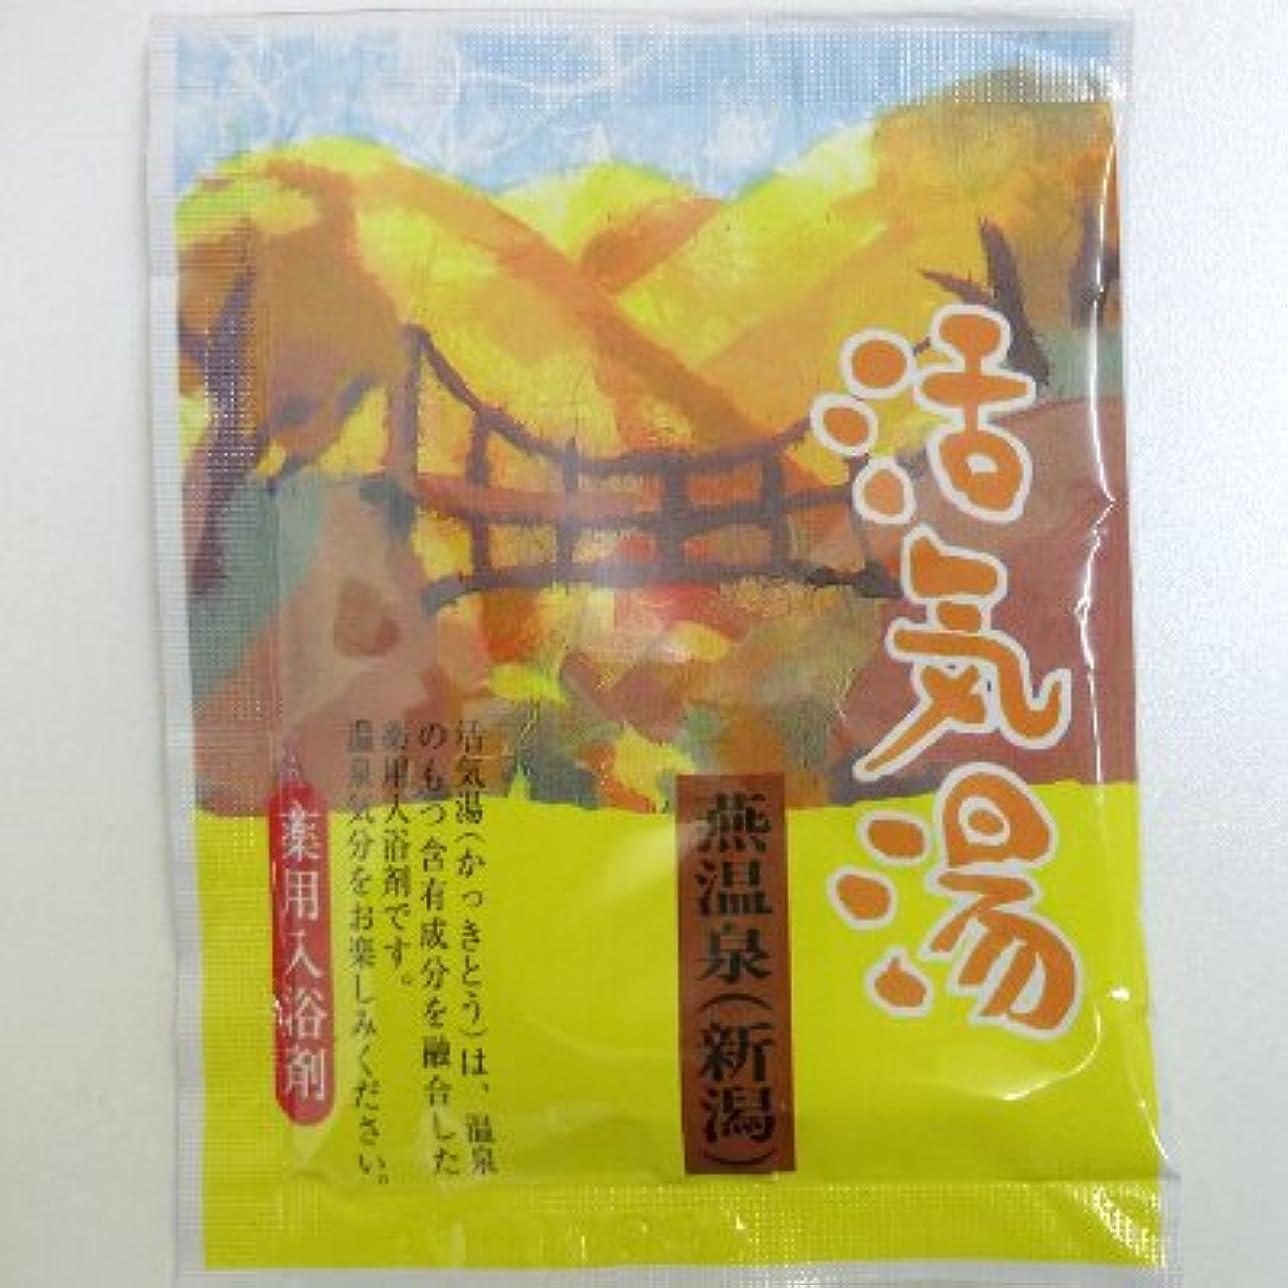 微生物八百屋矩形活気湯 燕温泉(シトラス)